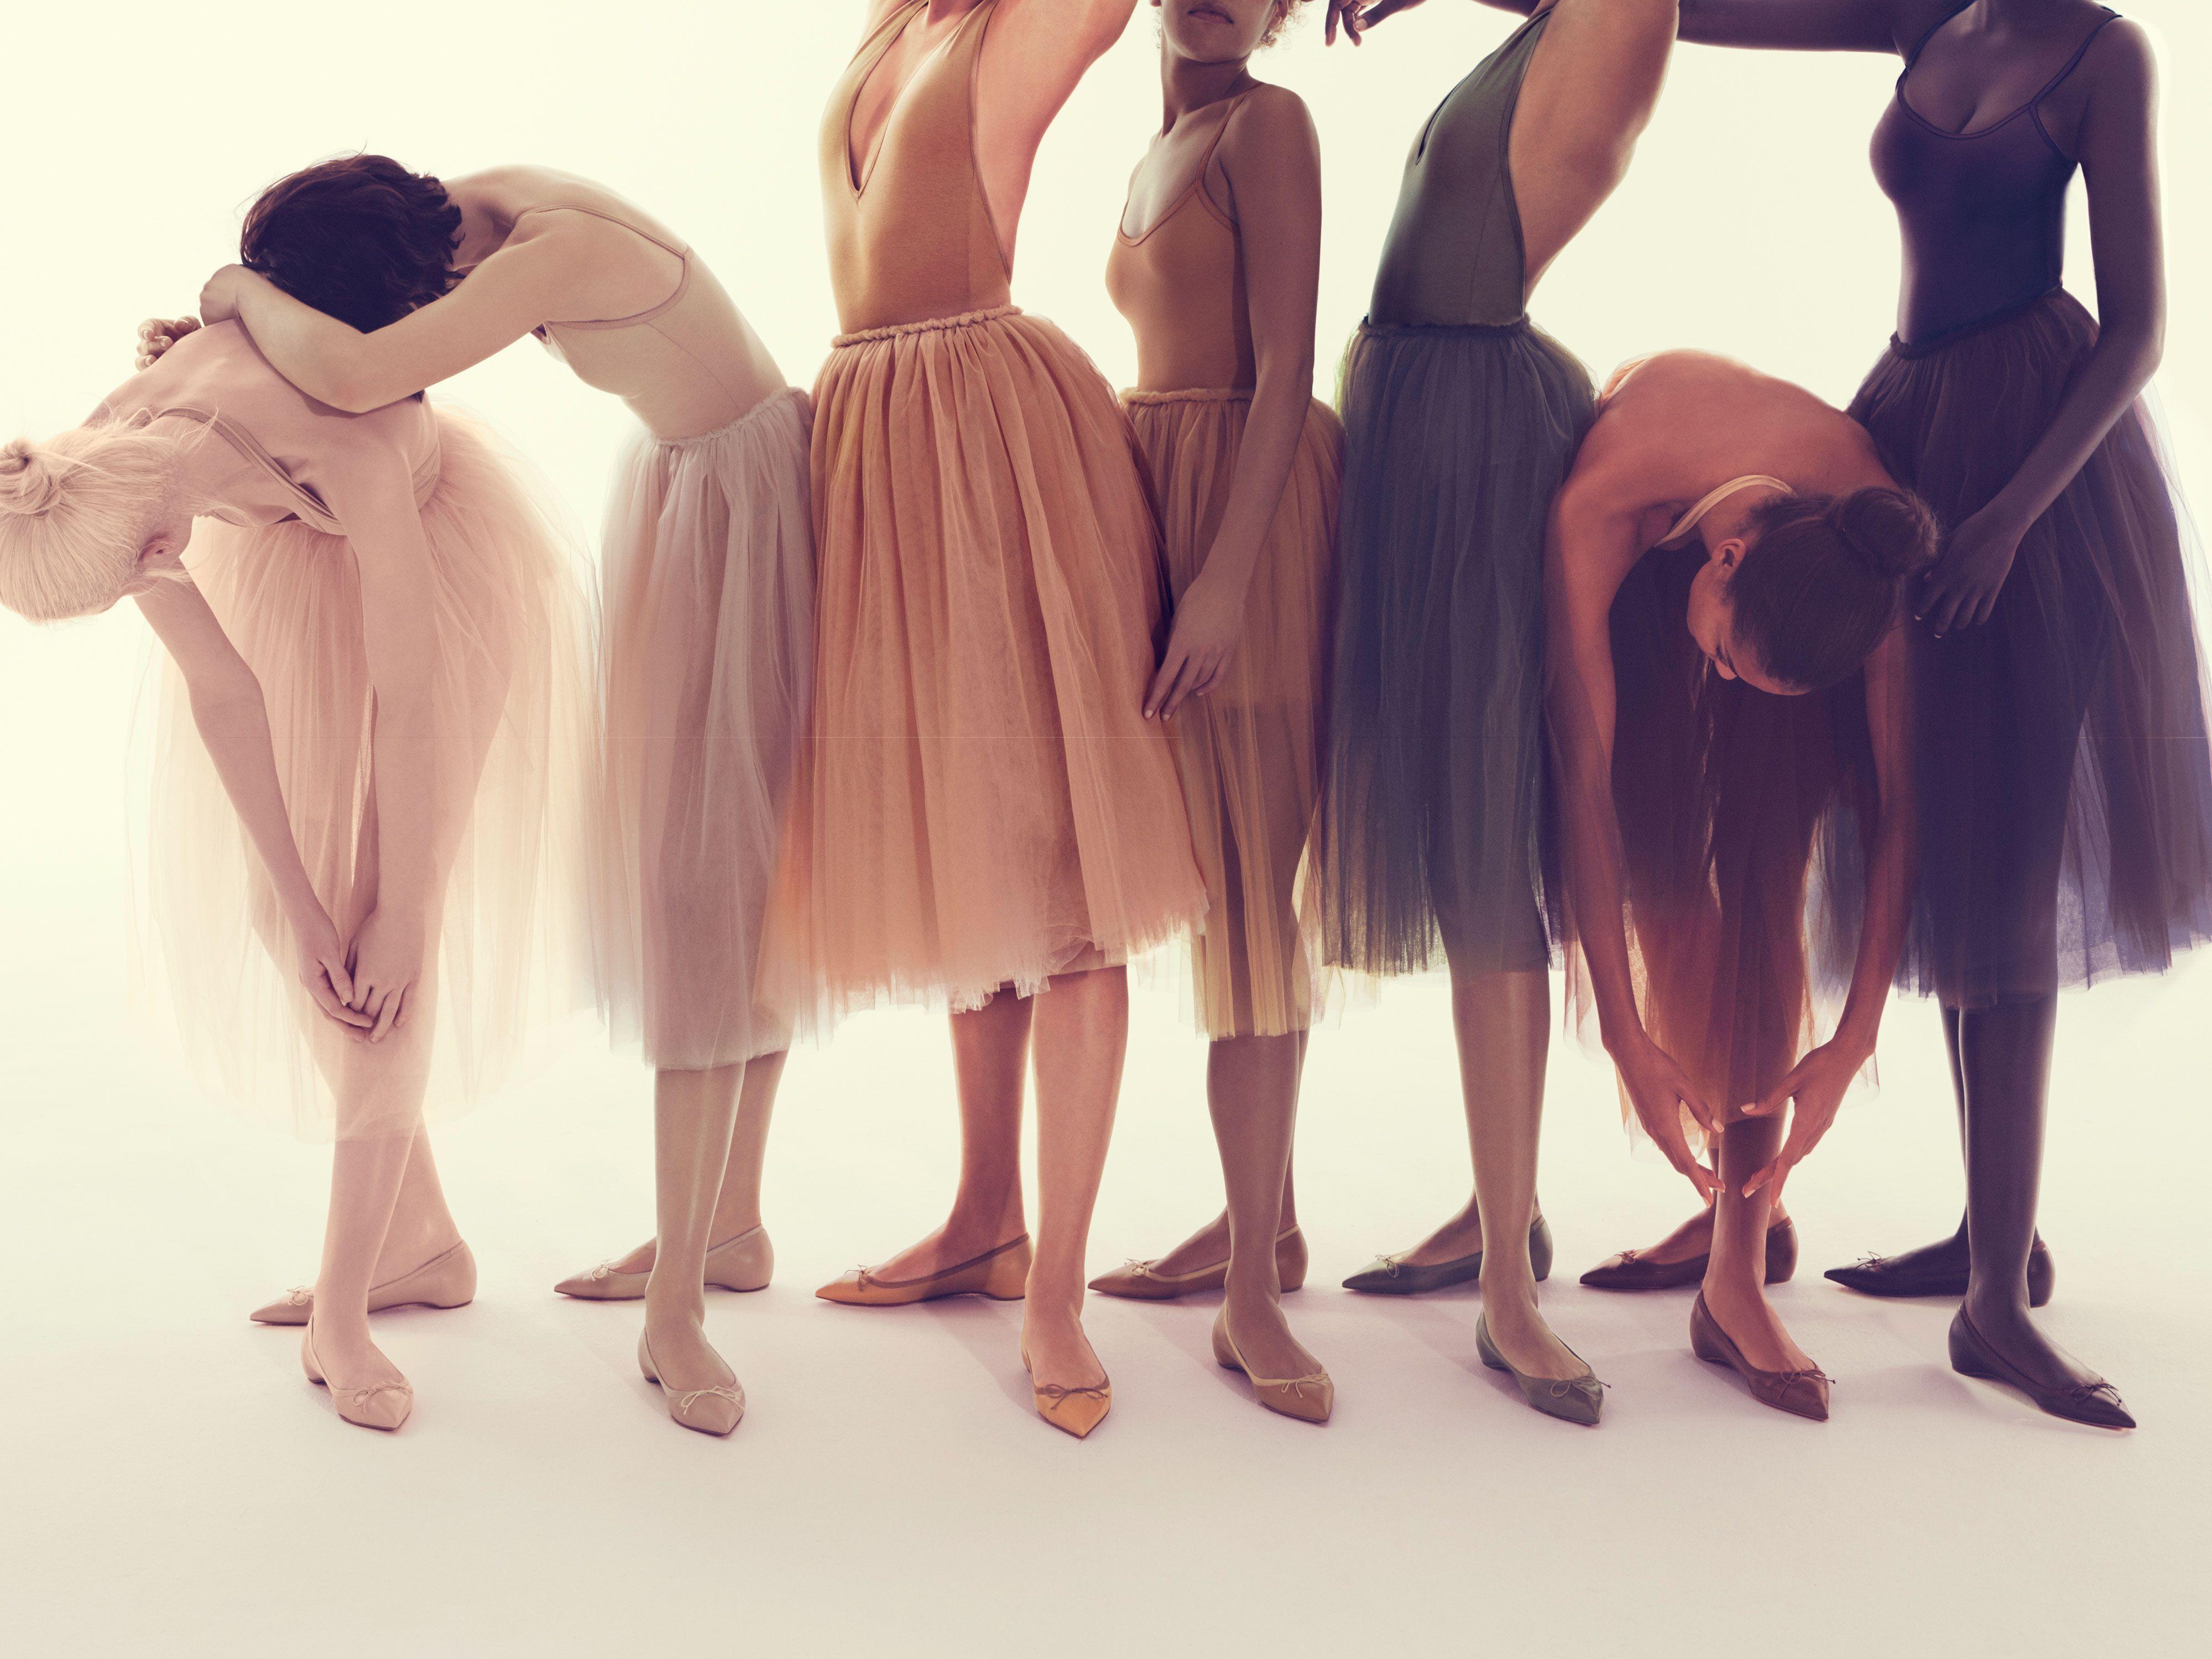 Christian Louboutin Ballerinas high España